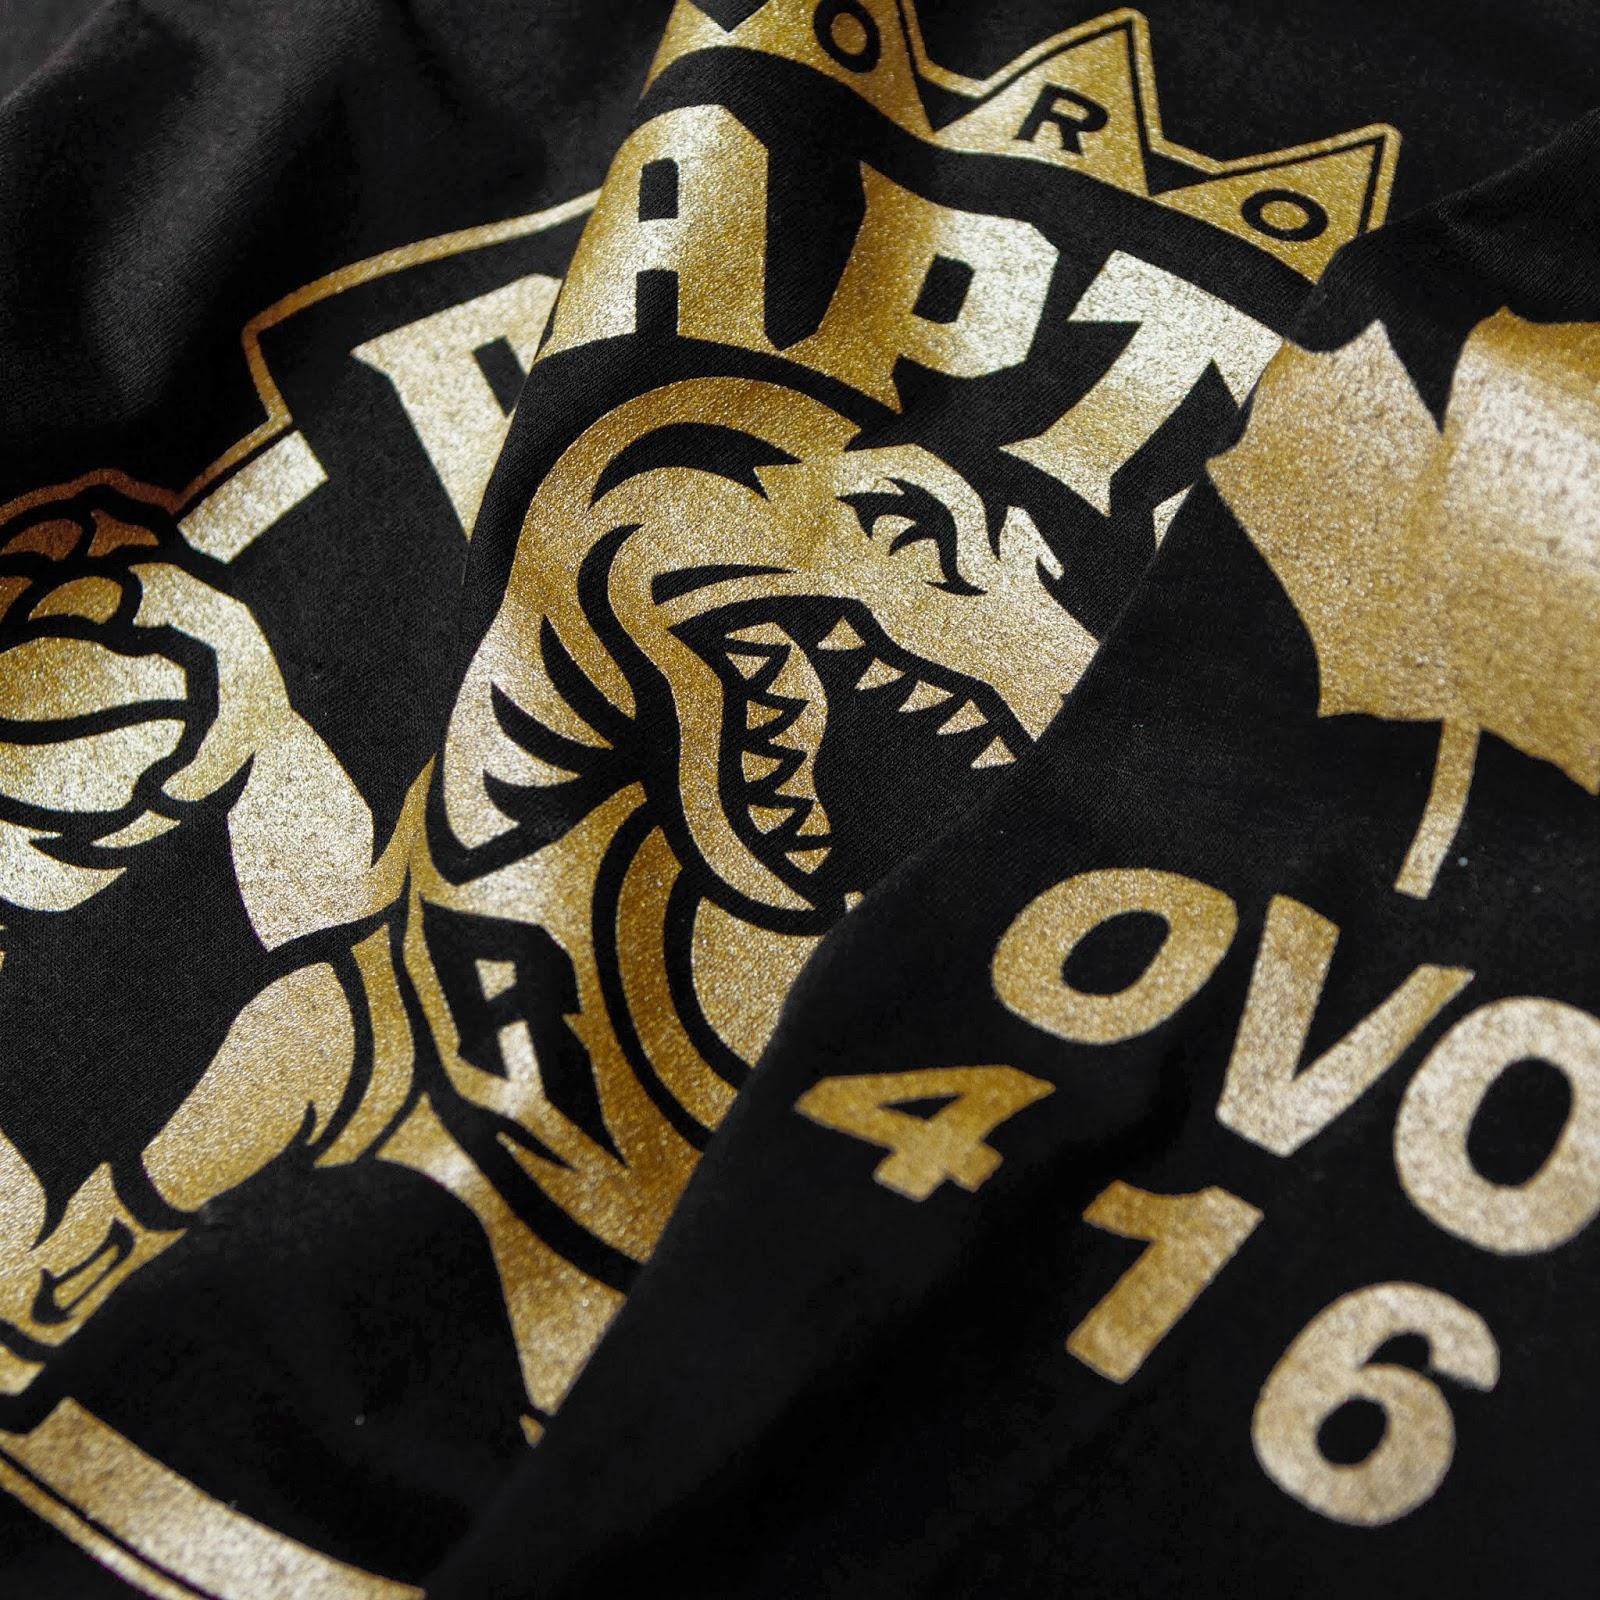 Real Gm Toronto >> drake night shirts - RealGM